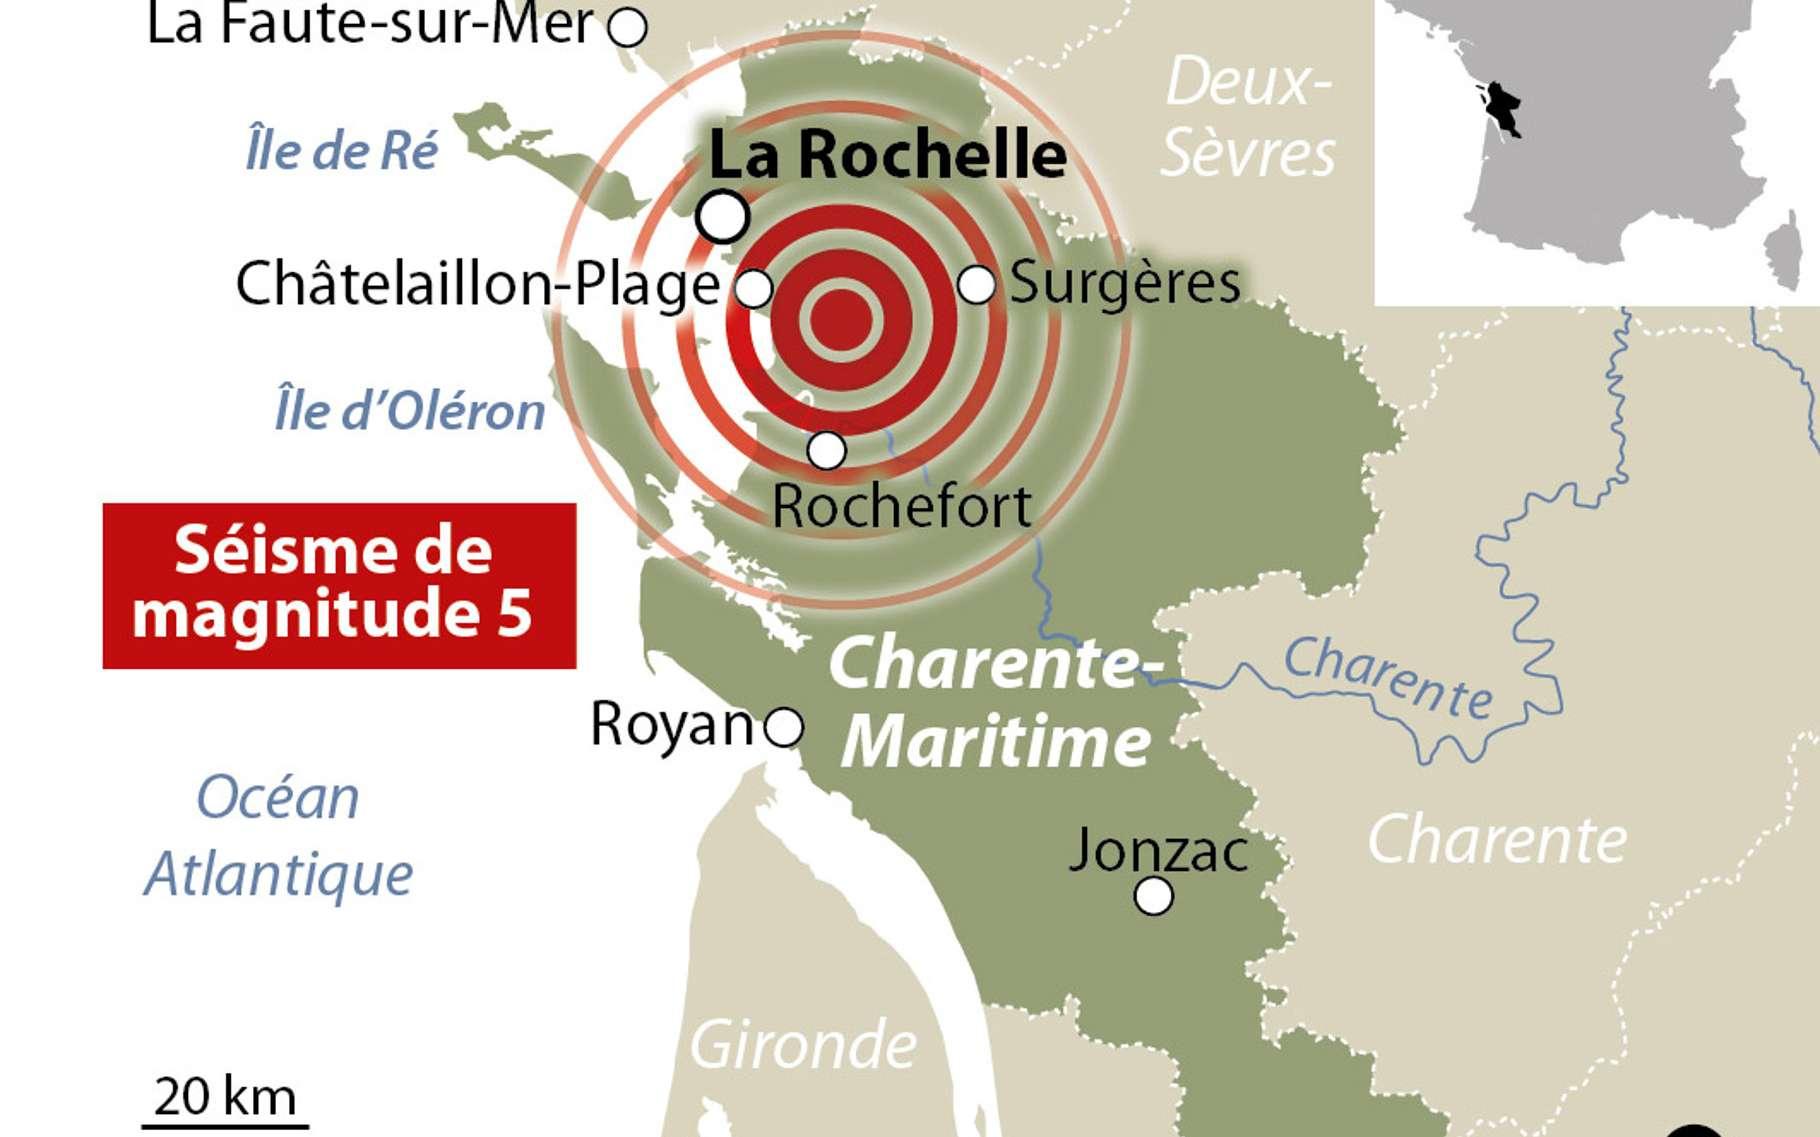 Le séisme survenu le 28 avril près de La Rochelle, en Charente-Maritime, est d'une magnitude proche de 5. Quelle en est la cause ? © idé